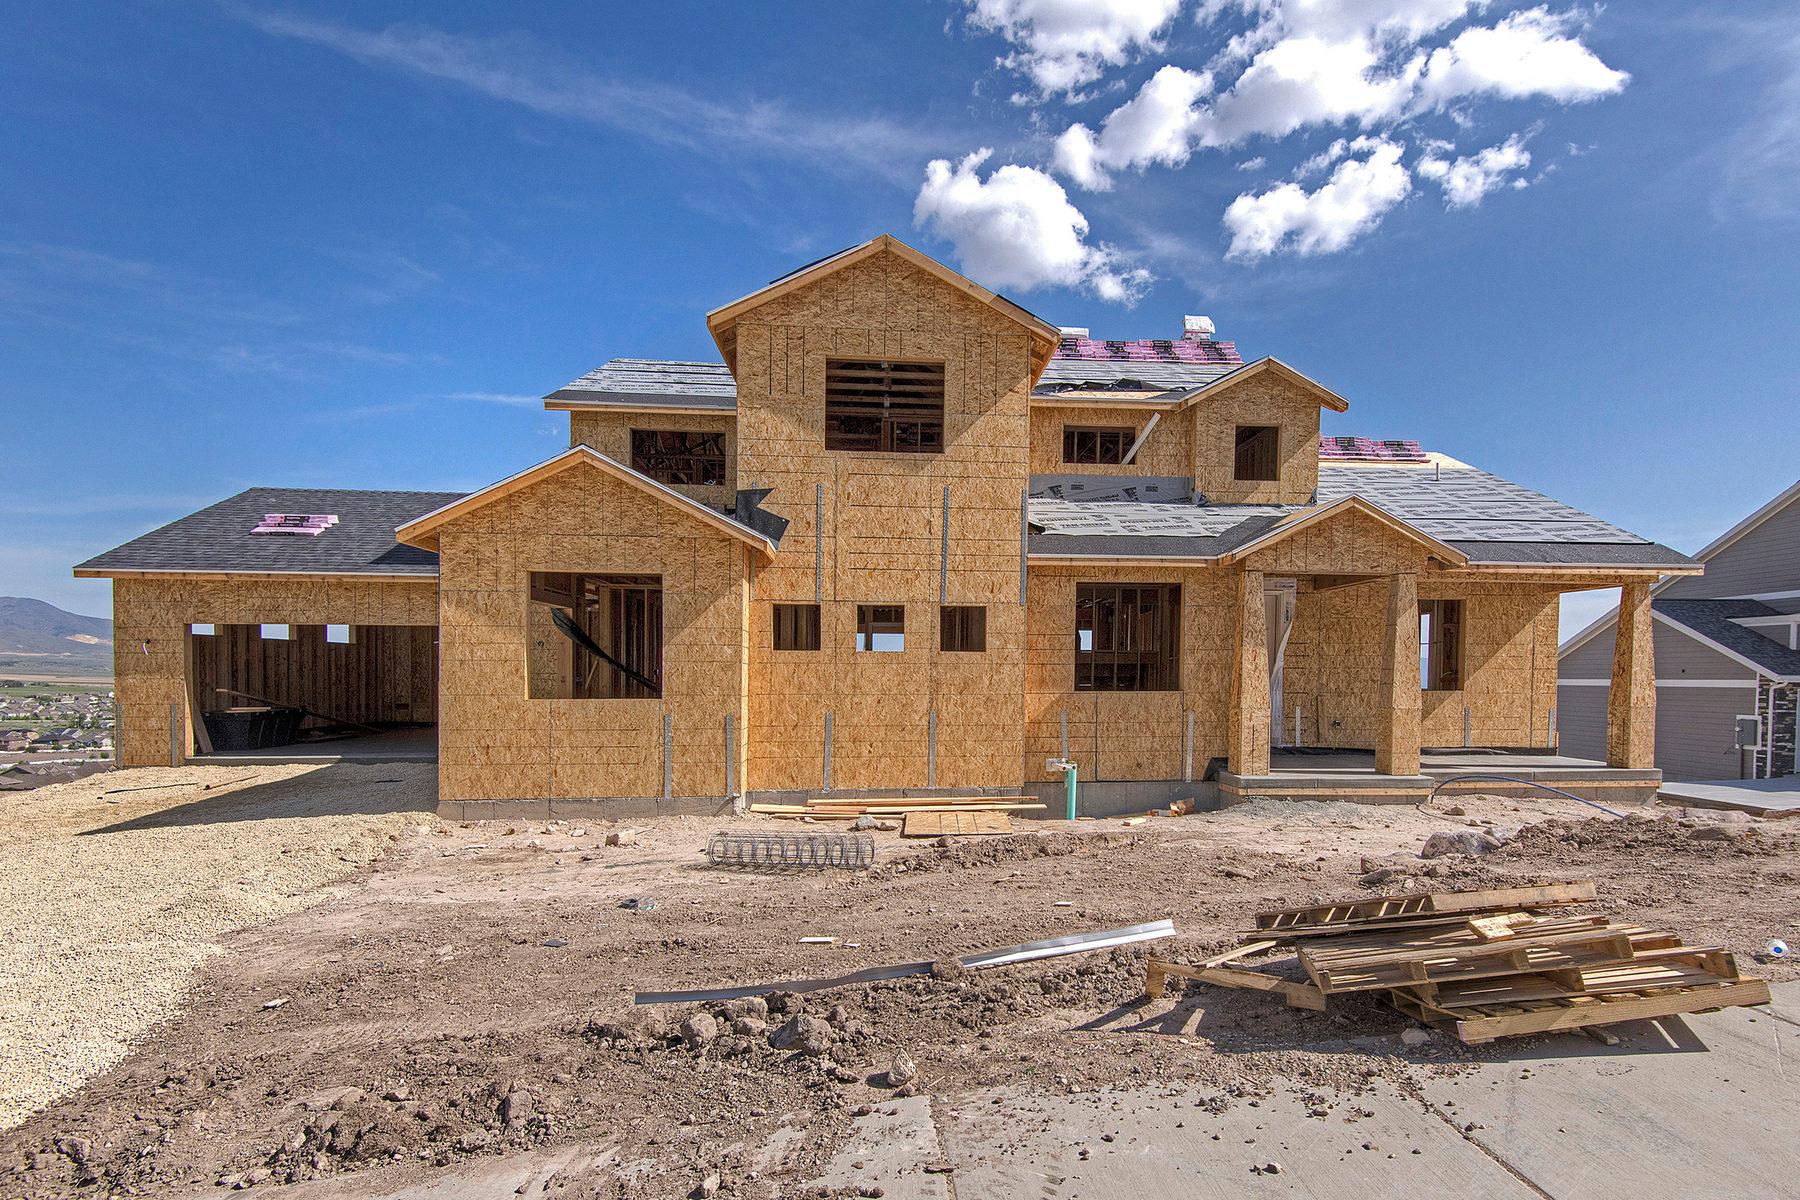 단독 가정 주택 용 매매 에 Lake City Custom Homes Birmingham Plan 6154 W Fort Pierce Way Lot #318 Herriman, 유타 84096 미국